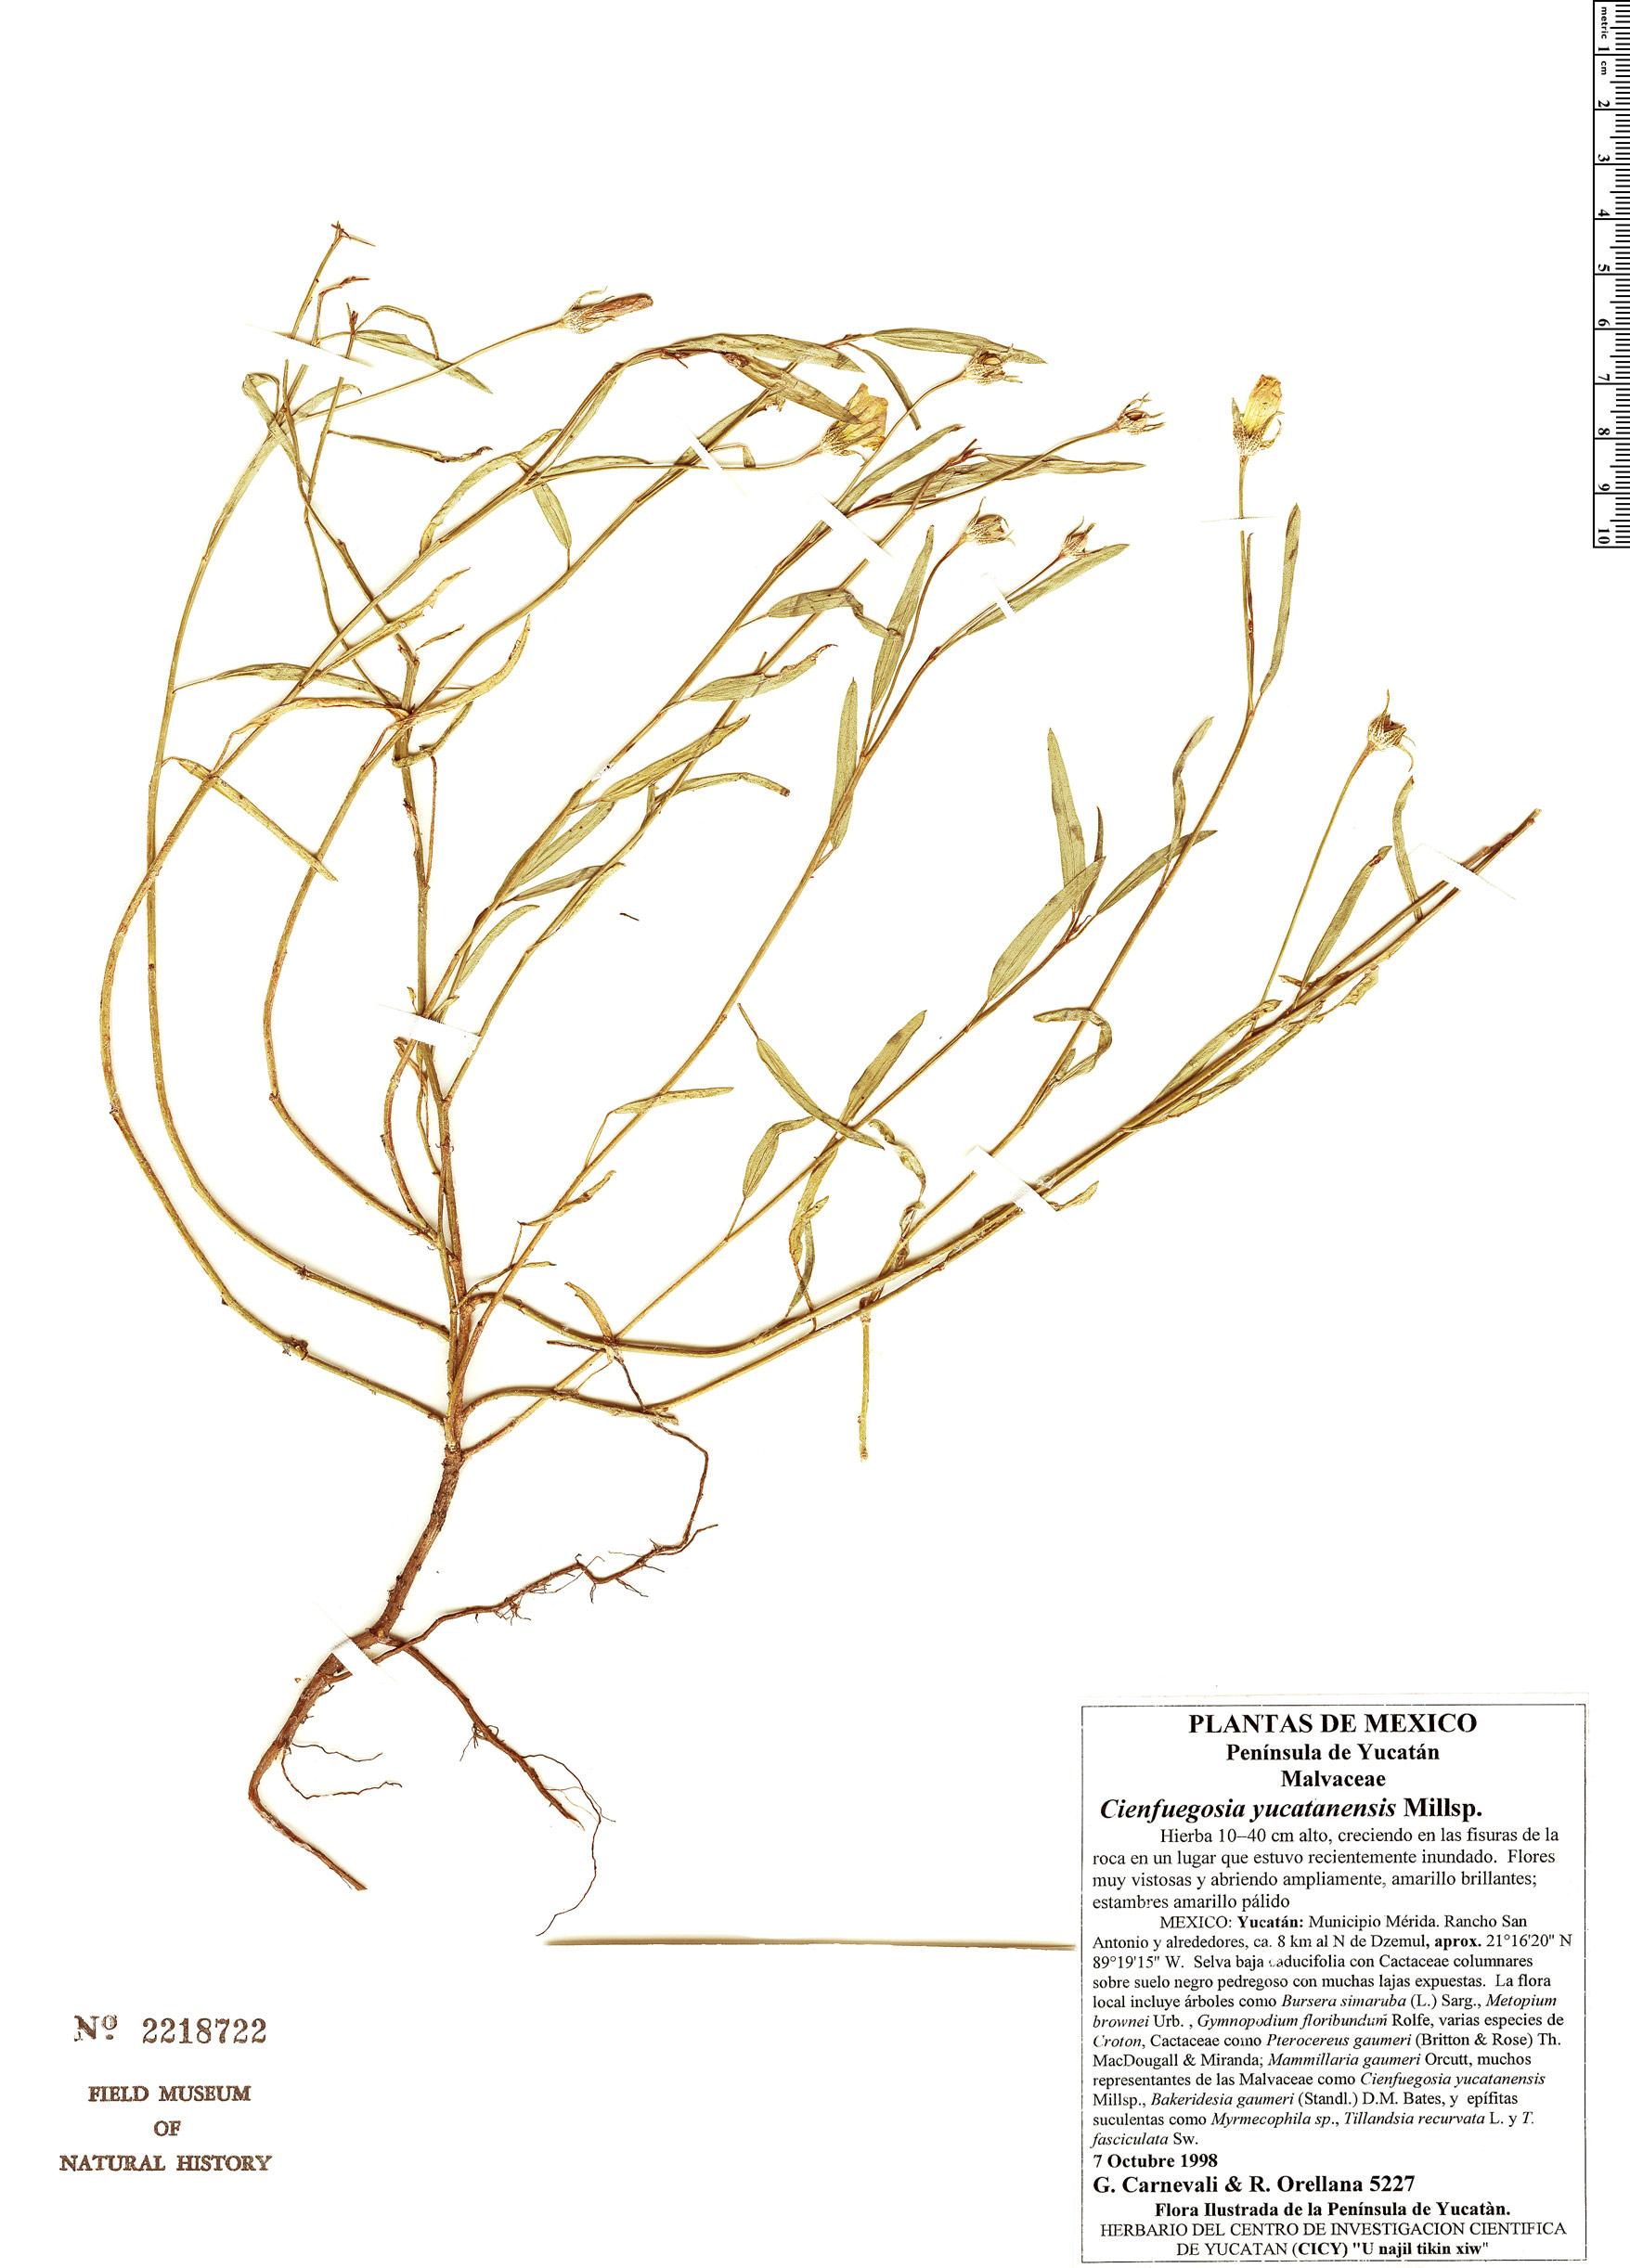 Specimen: Cienfuegosia yucatanensis